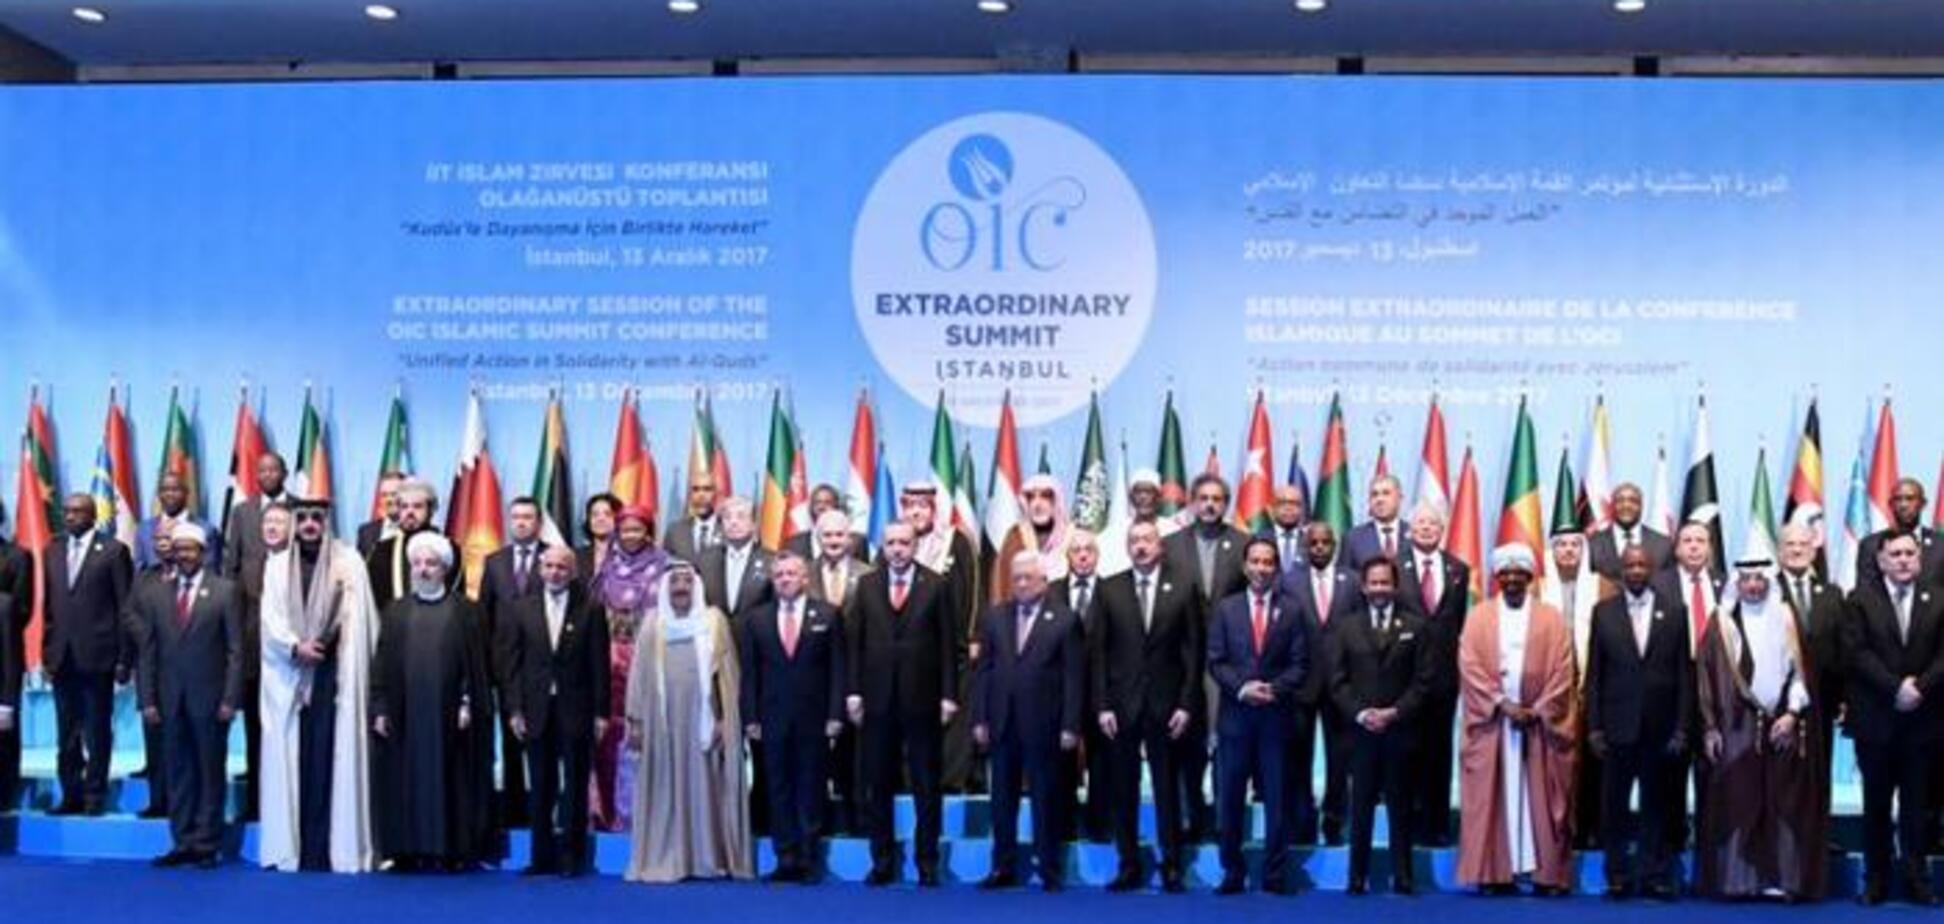 Саммит Организации исламского сотрудничества